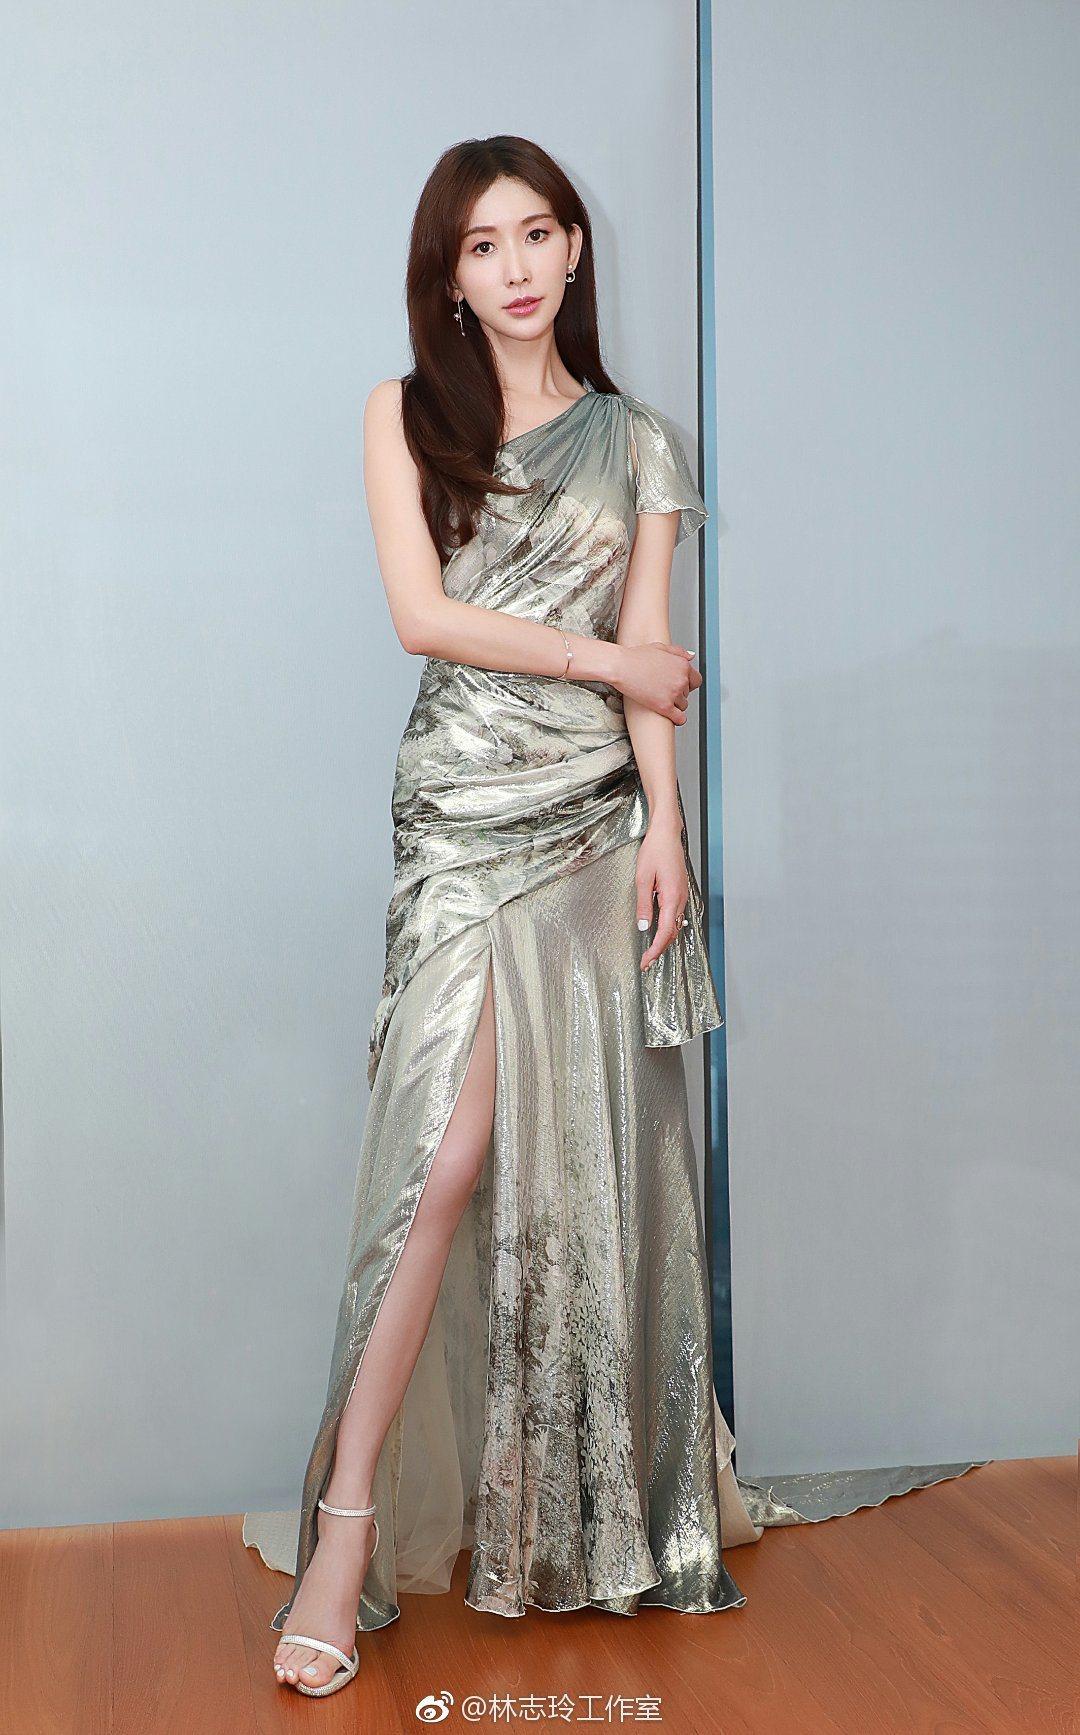 林志玲出席汽車品牌活動,銀色禮服搭配TASAKI系列珠寶造型,讓網友直呼「又美又...